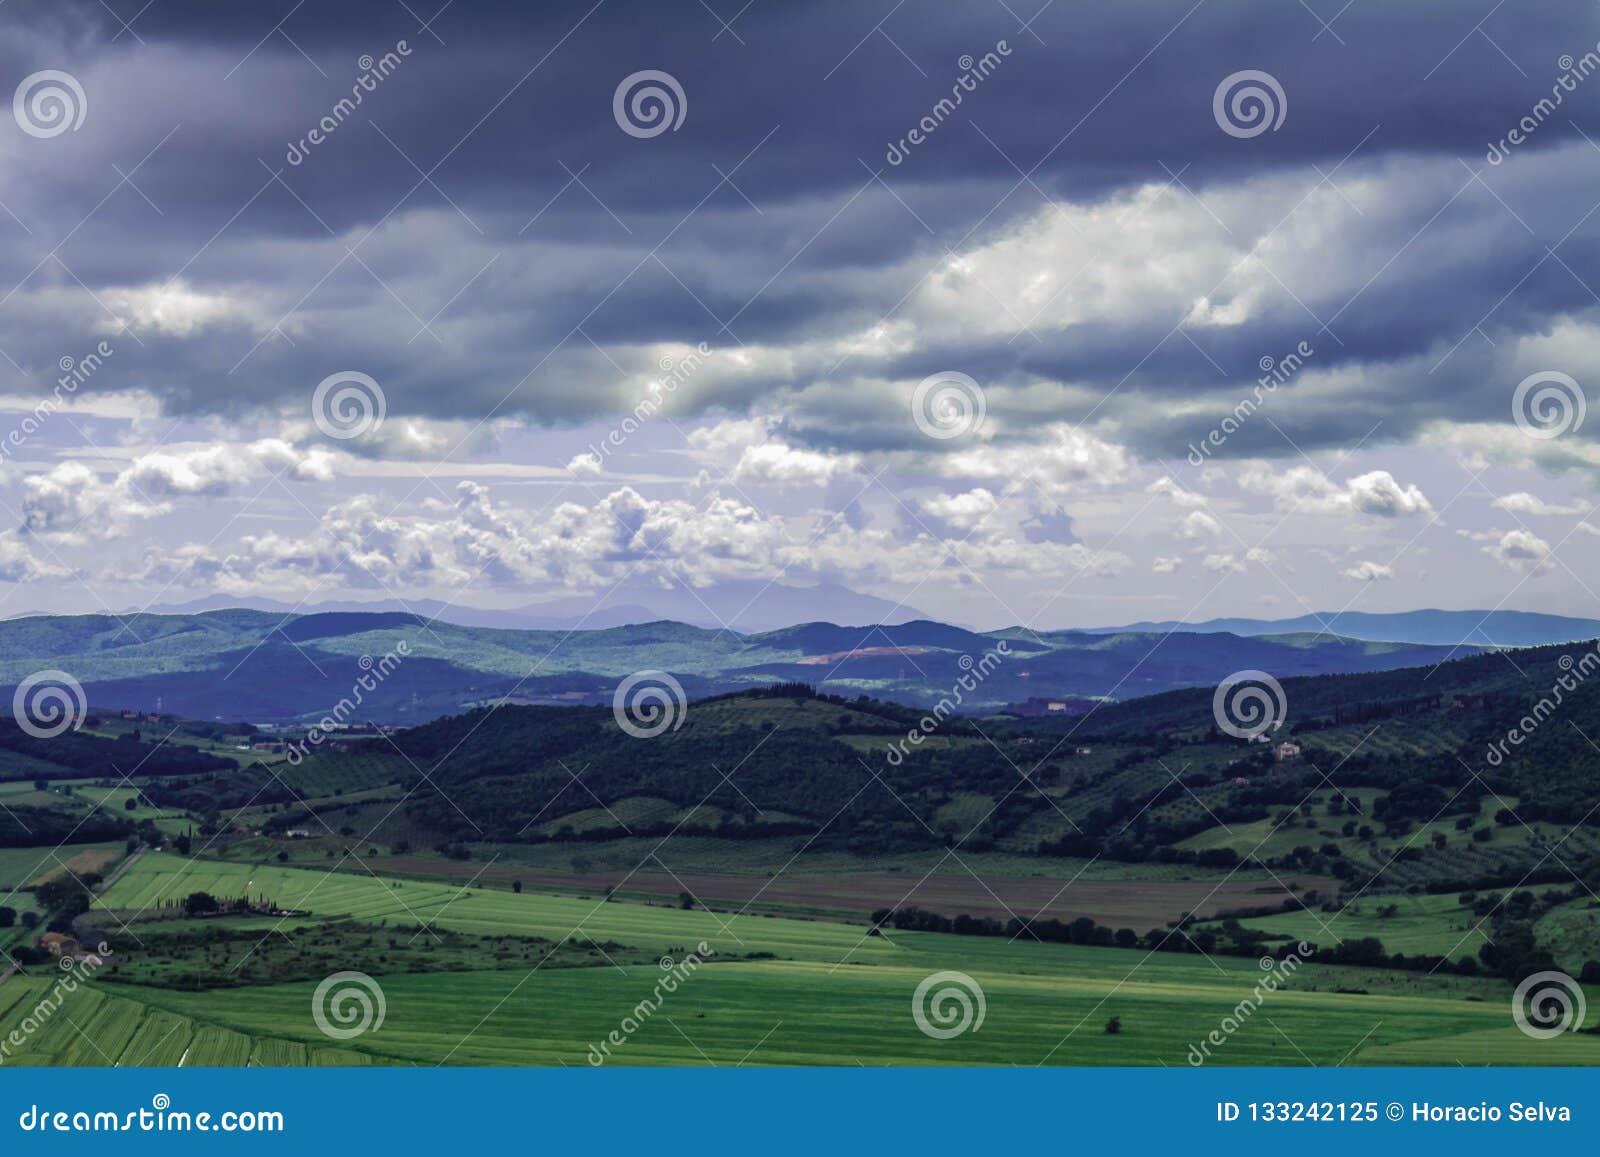 Πανοραμική άποψη της ιταλικής Τοσκάνης Τα βουνά στην απόσταση καλύπτονται από τα σύννεφα